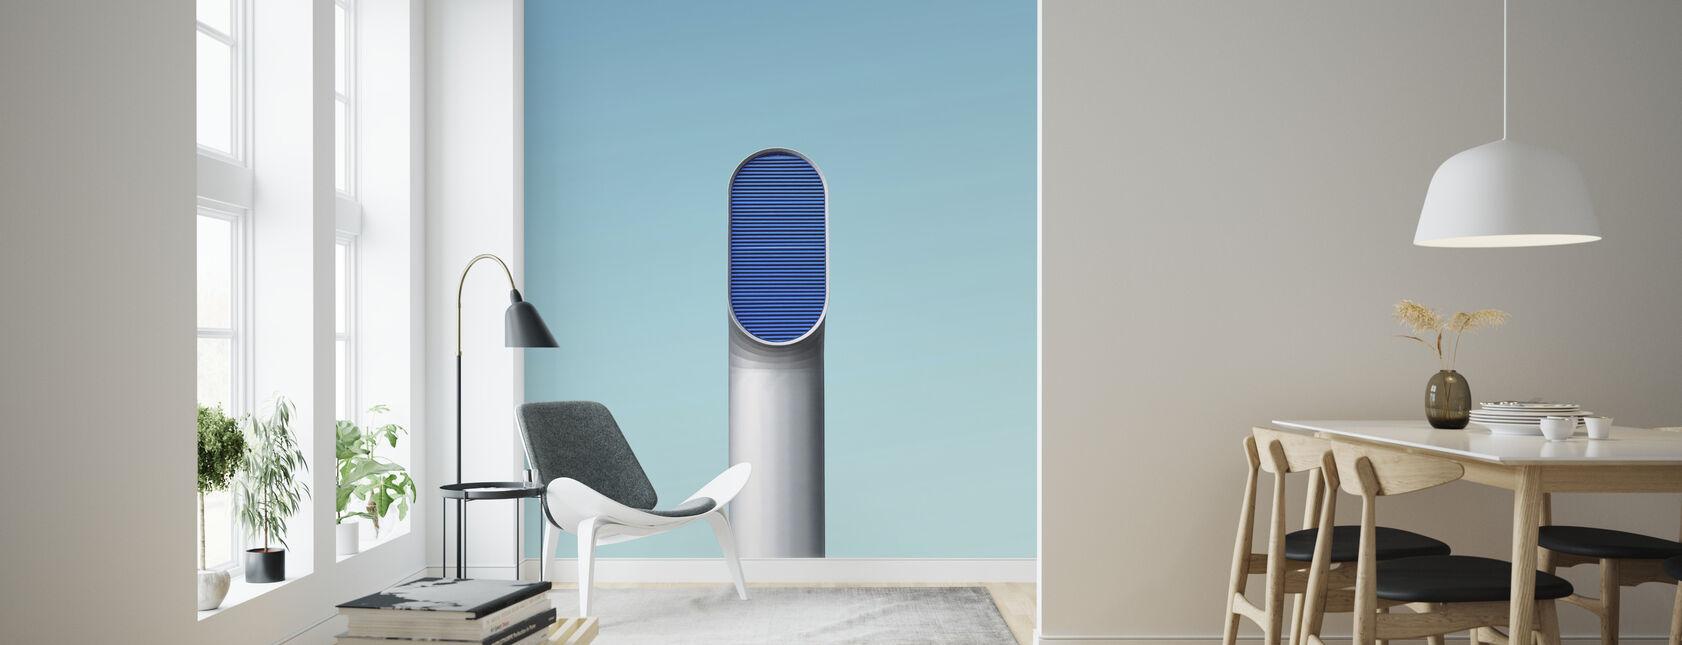 Single Pipe - Wallpaper - Living Room